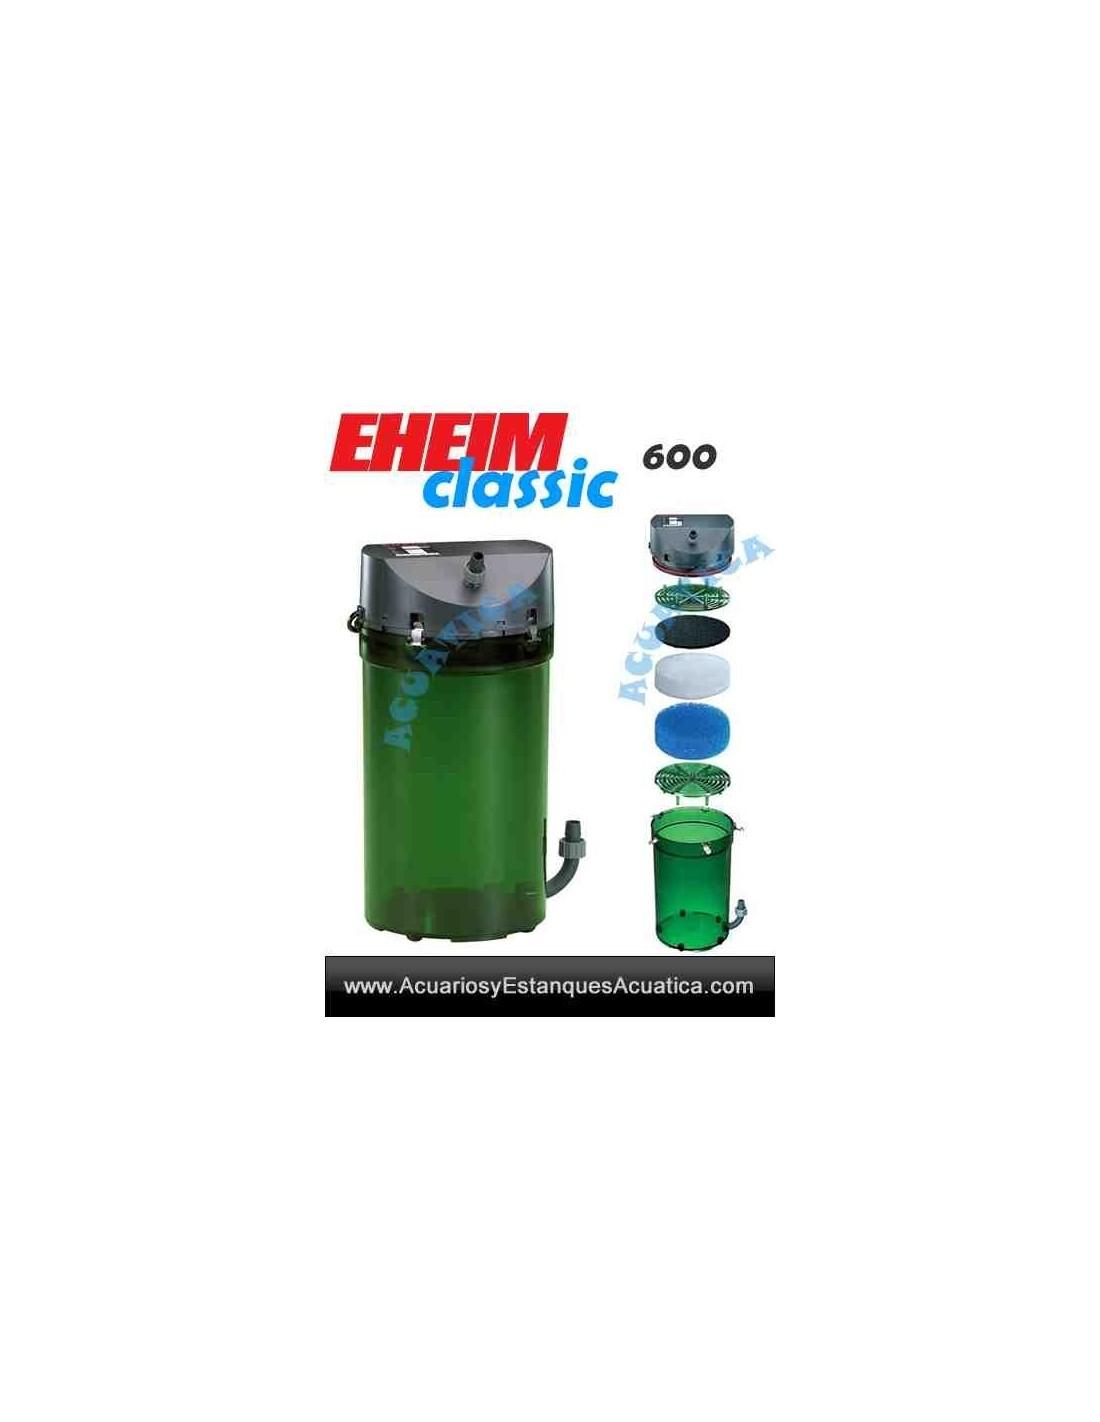 Eheim classic filtros externos acuarios acuarios y for Filtro externo para estanque